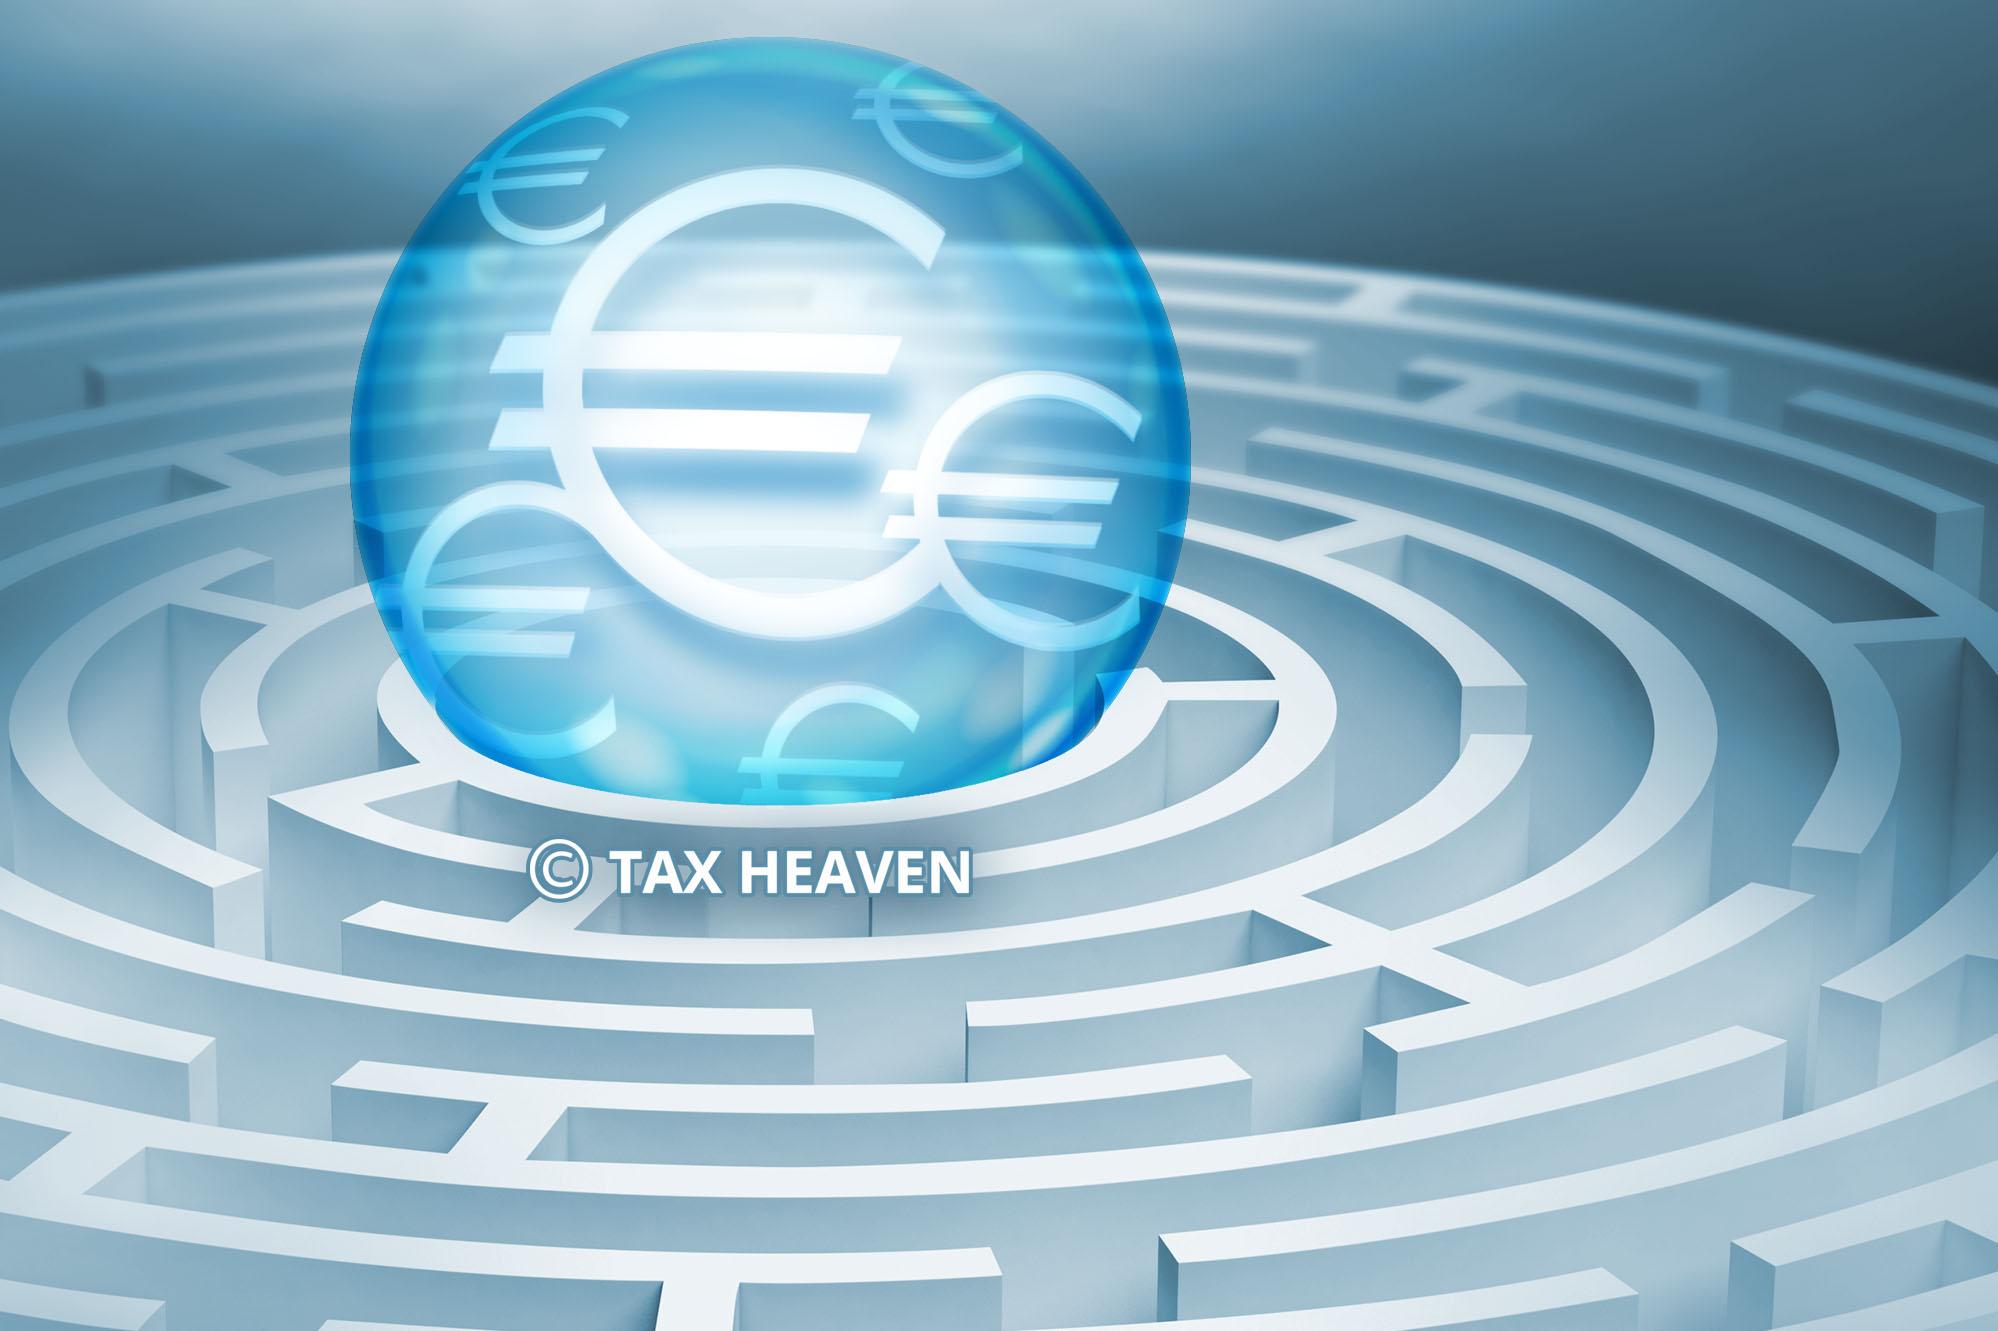 Αναλυτικά τα φορολογικά μέτρα του νόμου 4690/2020 - Μειώσεις συντελεστών ΦΠΑ, επέκταση μείωσης ενοικίων, έκπτωση 25% εμπρόθεσμης καταβολής οφειλών, κ.λπ.